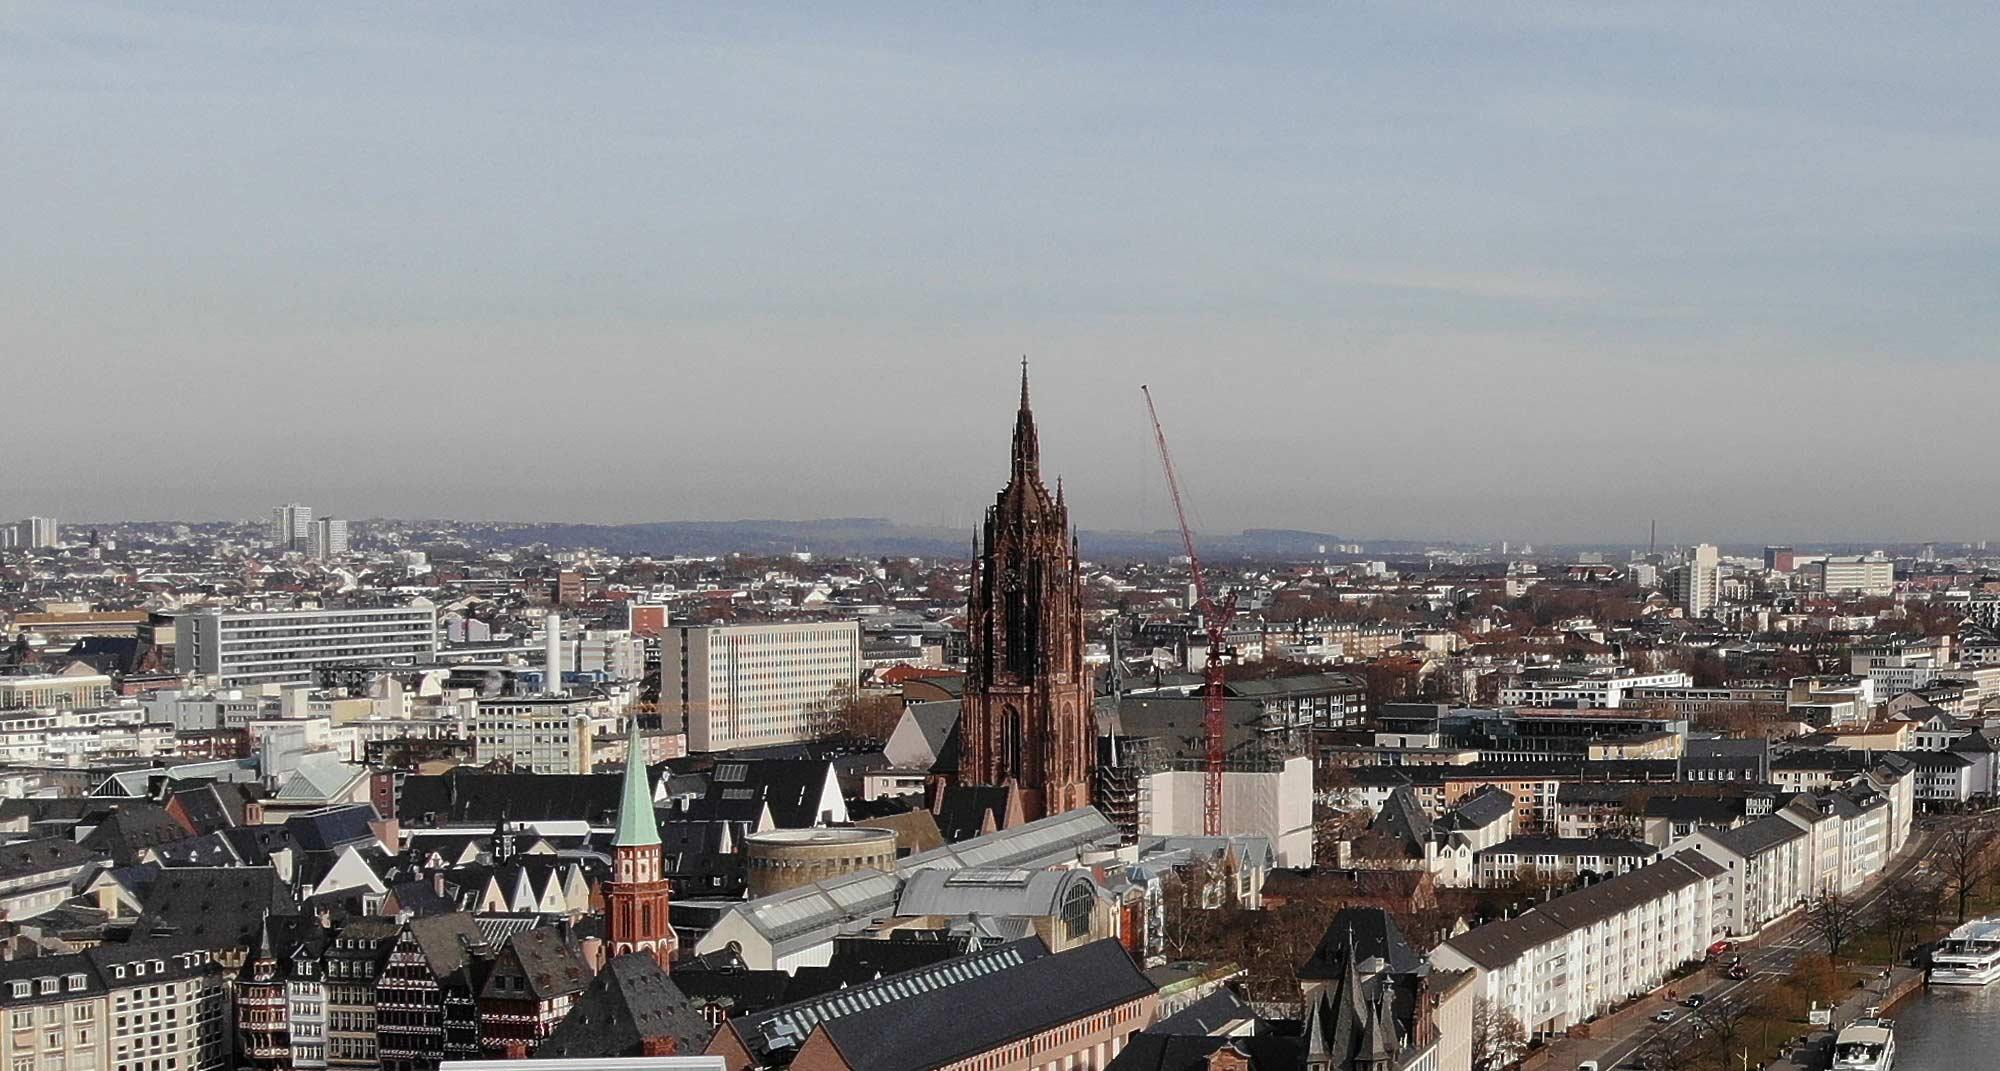 Dom Frankfurt am Main - Kaiserdom in Frankfurt - Stadtpanorama mit Kirchturm